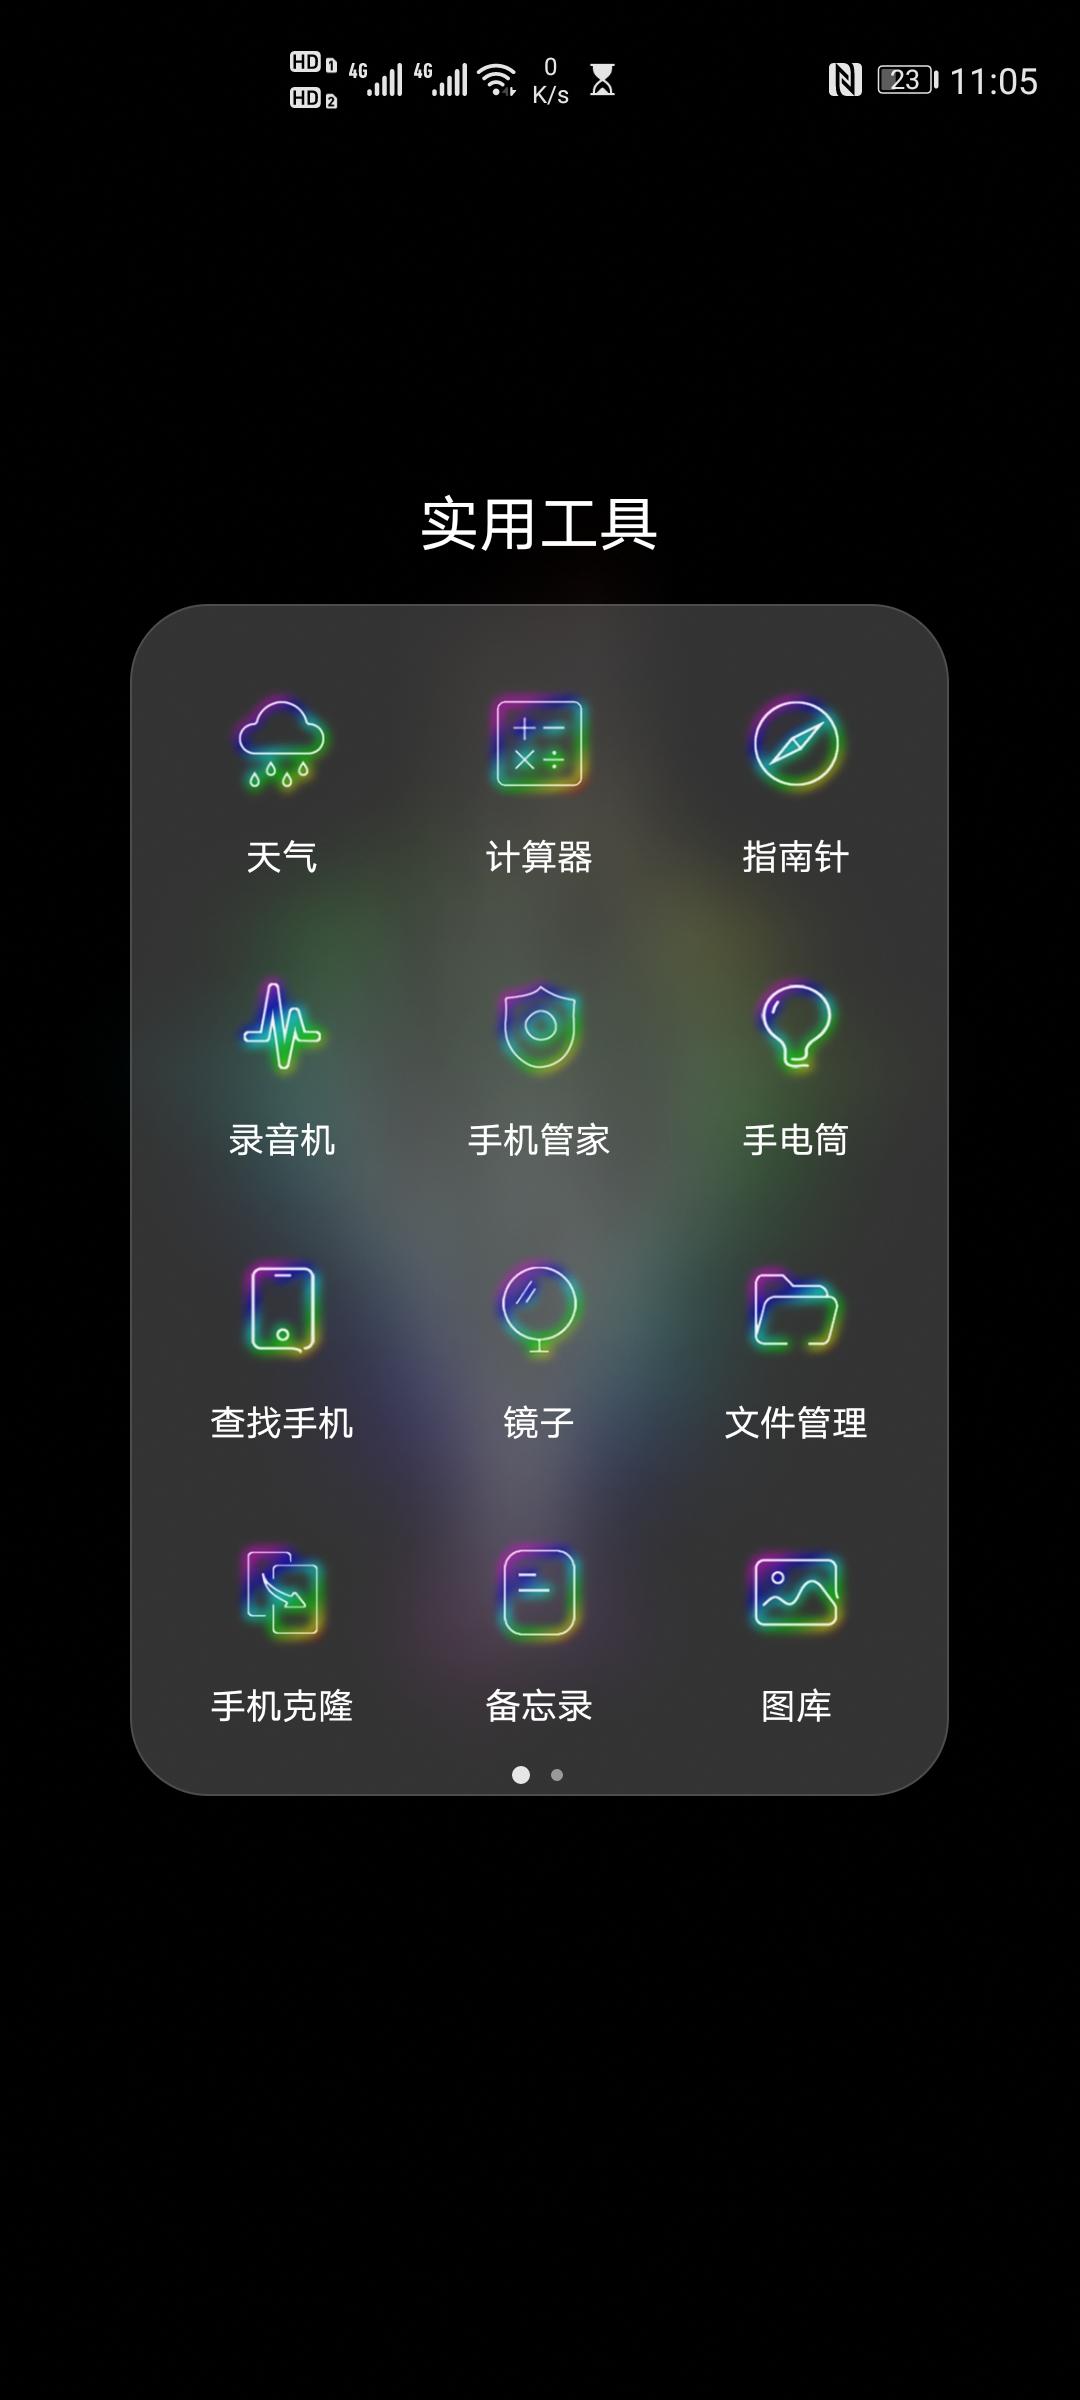 Screenshot_20200401_110527_com.huawei.android.launcher.jpg